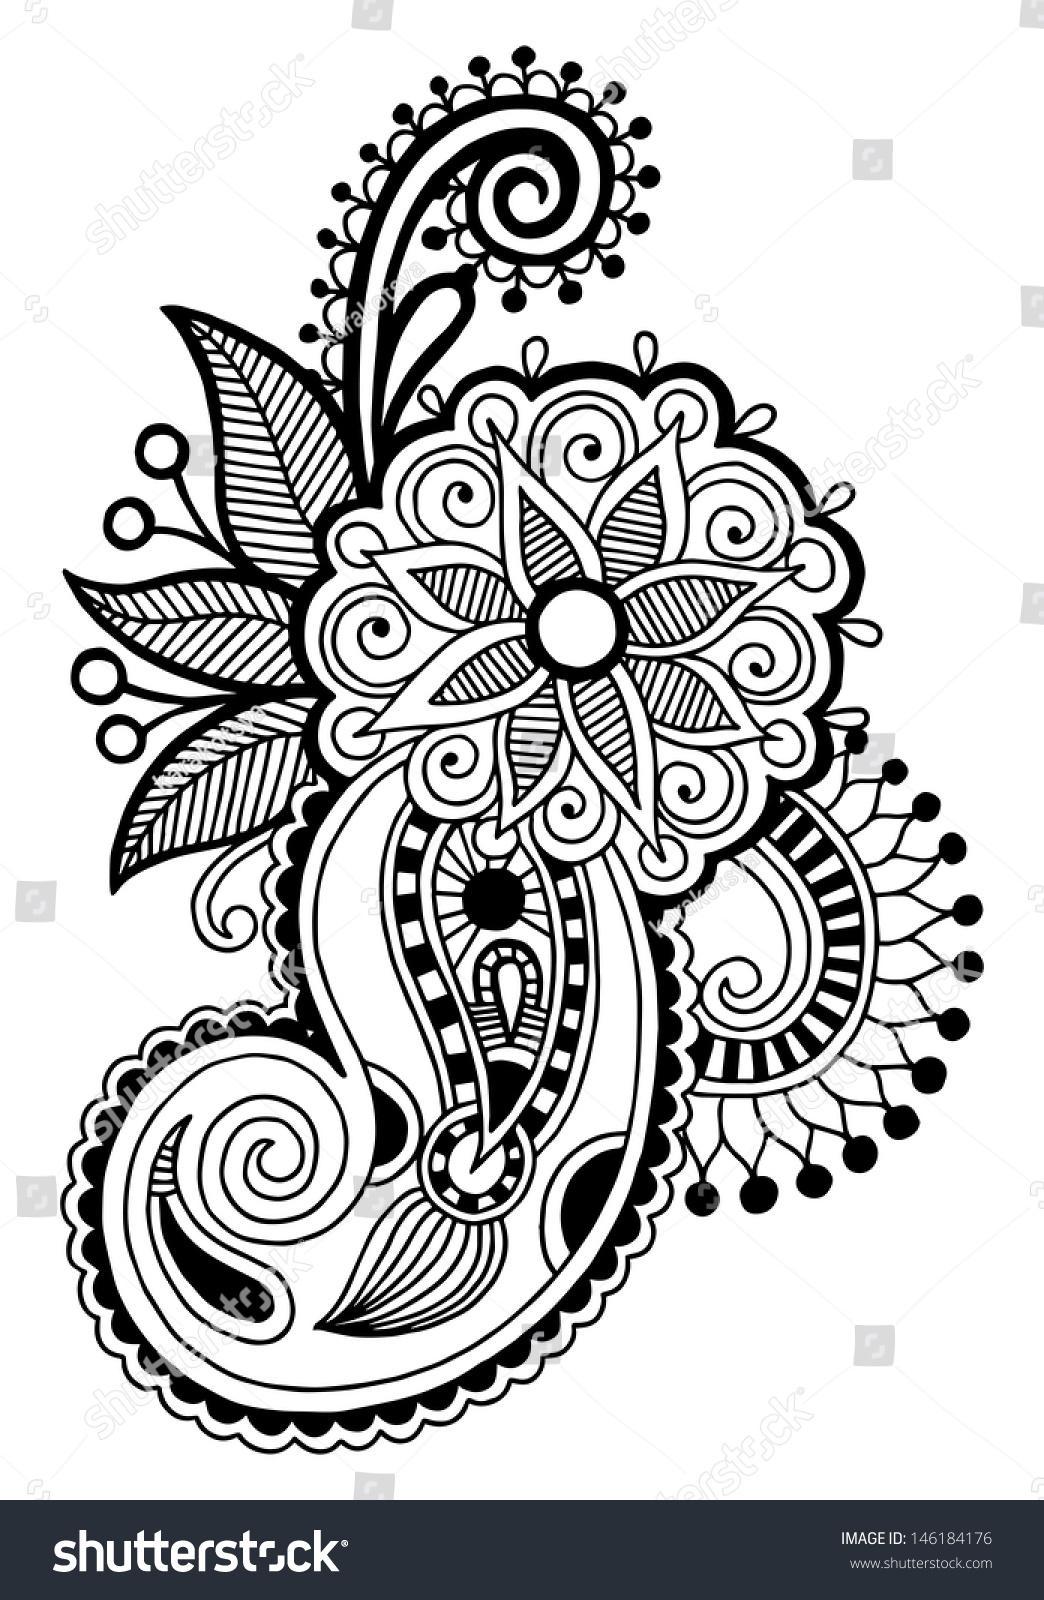 Black Line Art Ornate Flower Design Stockvector Rechtenvrij